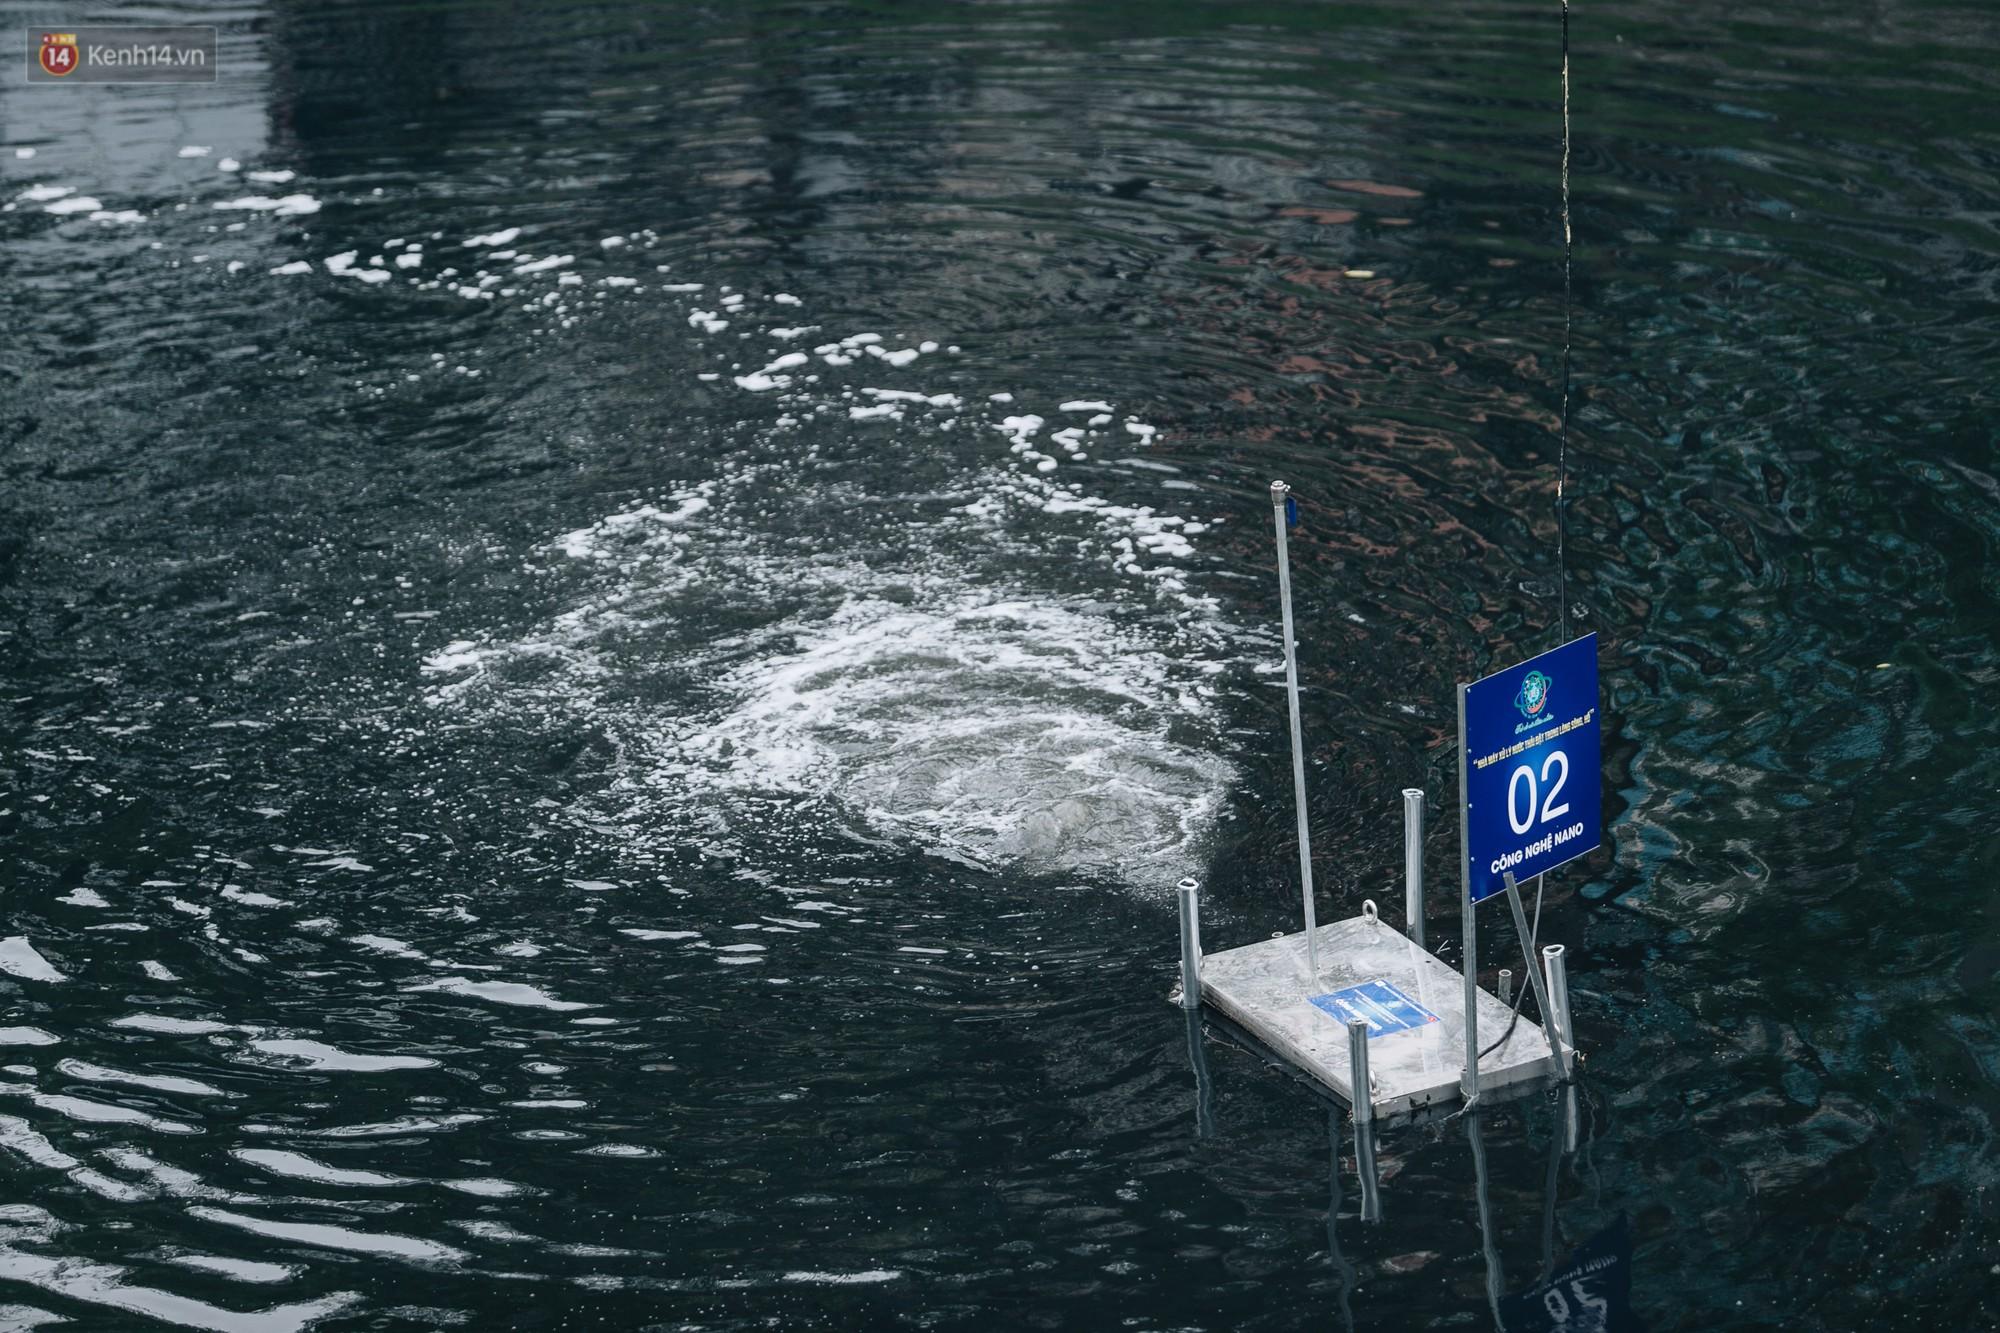 Sau một tuần dùng công nghệ nano làm sạch sông Tô Lịch, người dân vẫn tiếp tục vứt rác xuống - Ảnh 3.